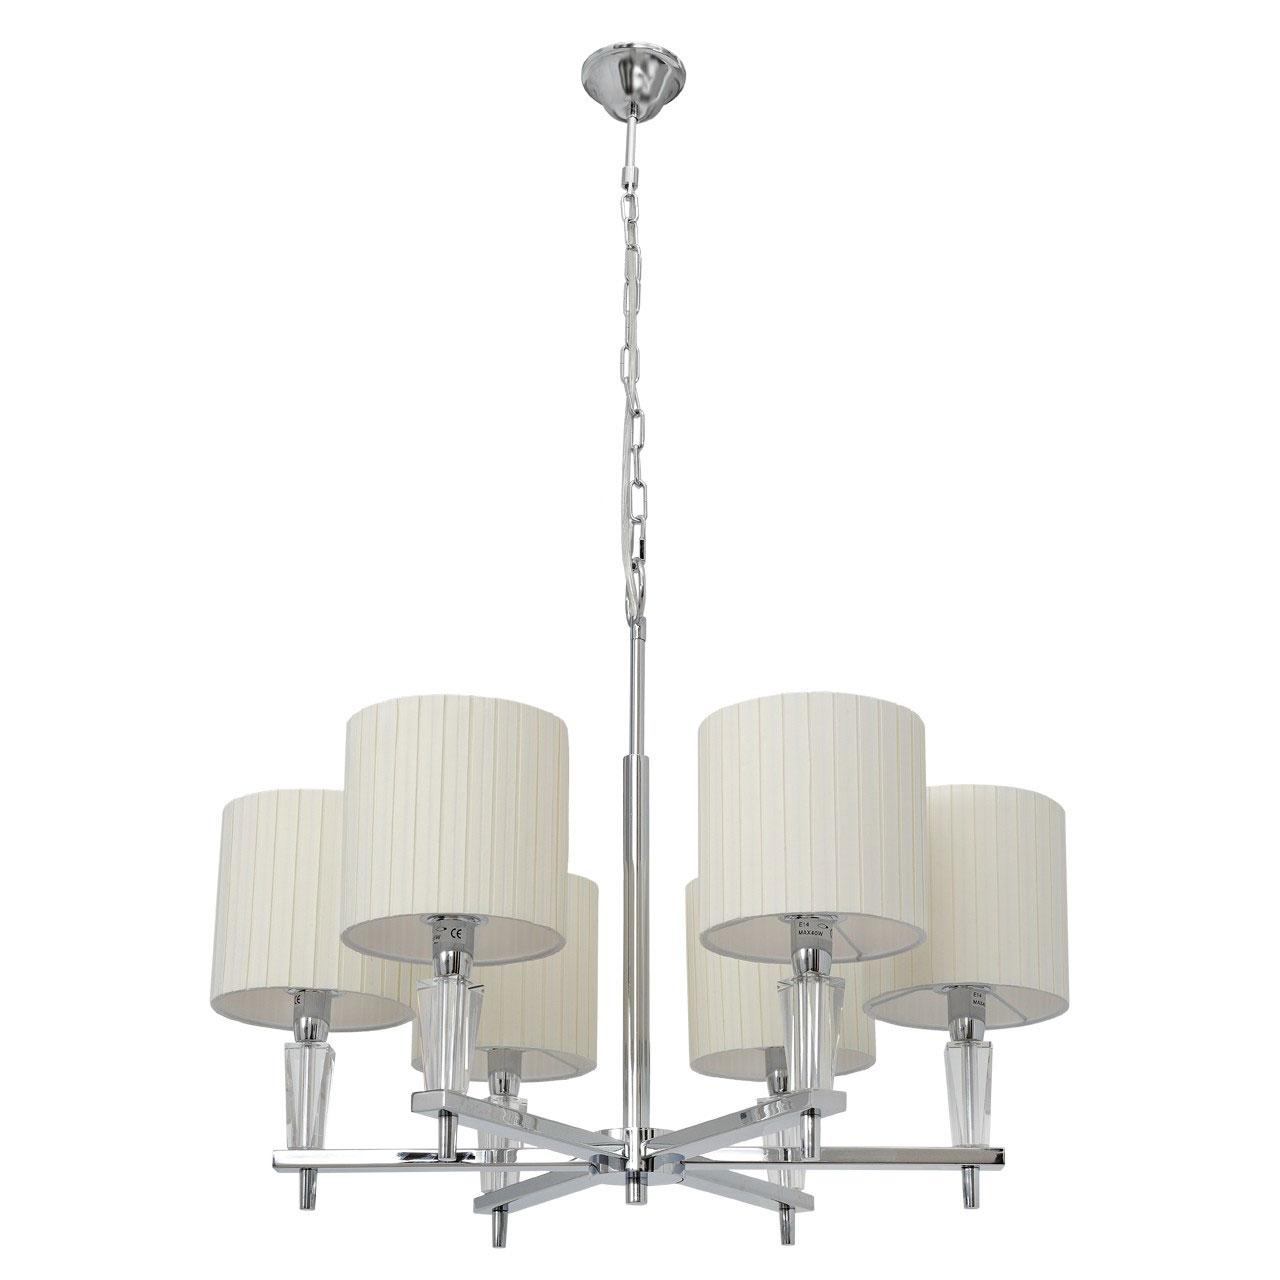 Люстра Chiaro 460010706 Инесса подвесной светильник chiaro инесса 460010604